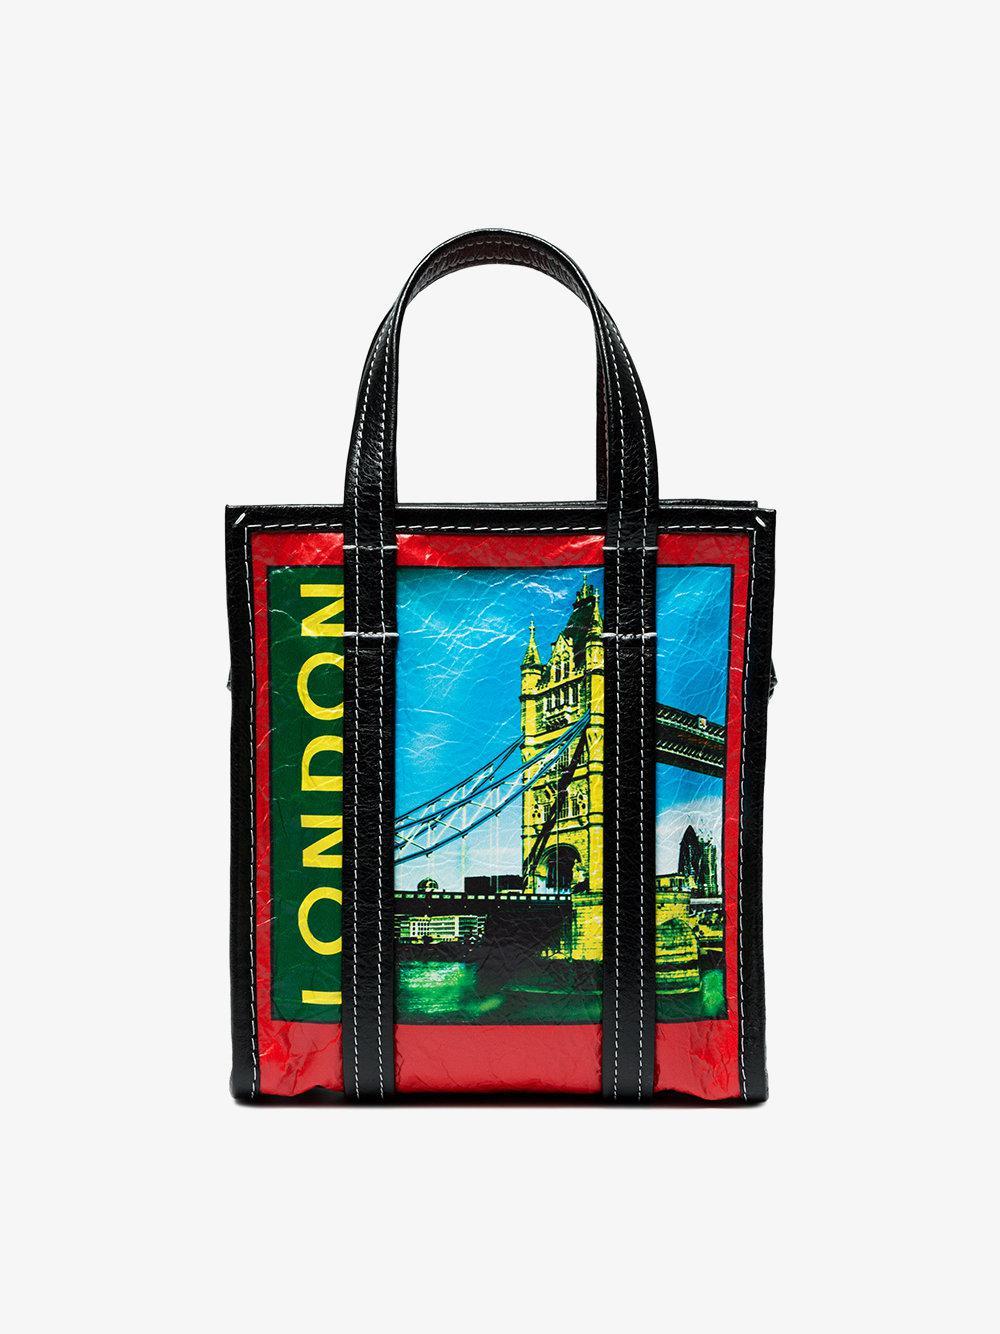 London Bazar Shopper Mini tote Bag Balenciaga Discount With Mastercard 05Vxo